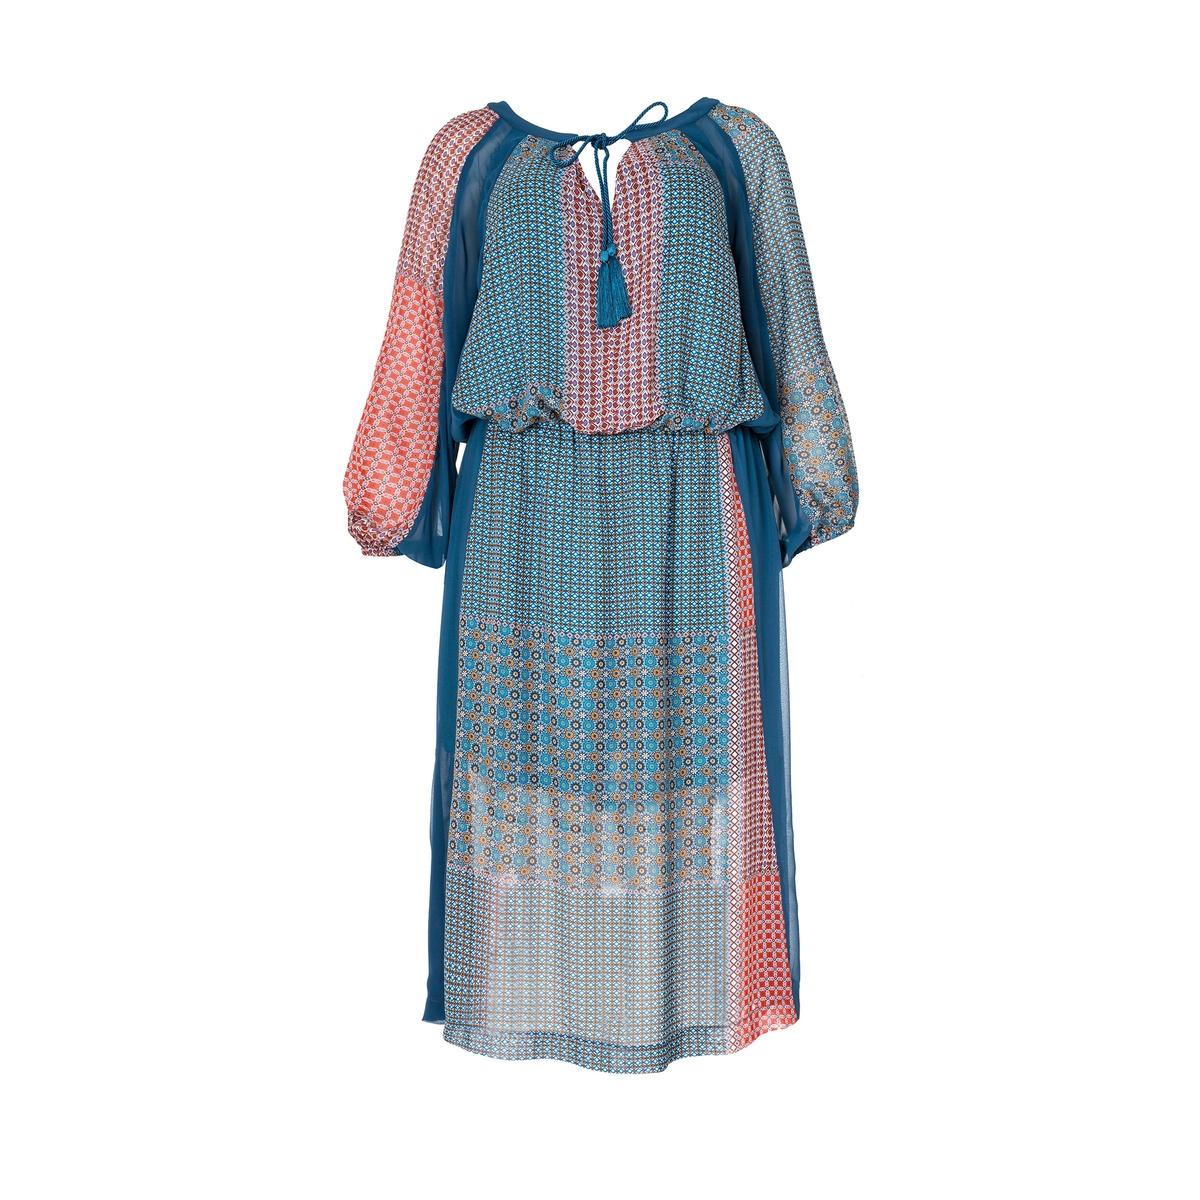 ПлатьеПлатье с лоскутным узором и длинными рукавами MAT FASHION. 100% полиэстера.  Объемный покрой с поясом, ткань с лоскутным мотивом . Длинные рукава со сборками  . V-образный вырез с завязками с бахромой .<br><br>Цвет: набивной рисунок<br>Размер: 44/46 (FR) - 50/52 (RUS)